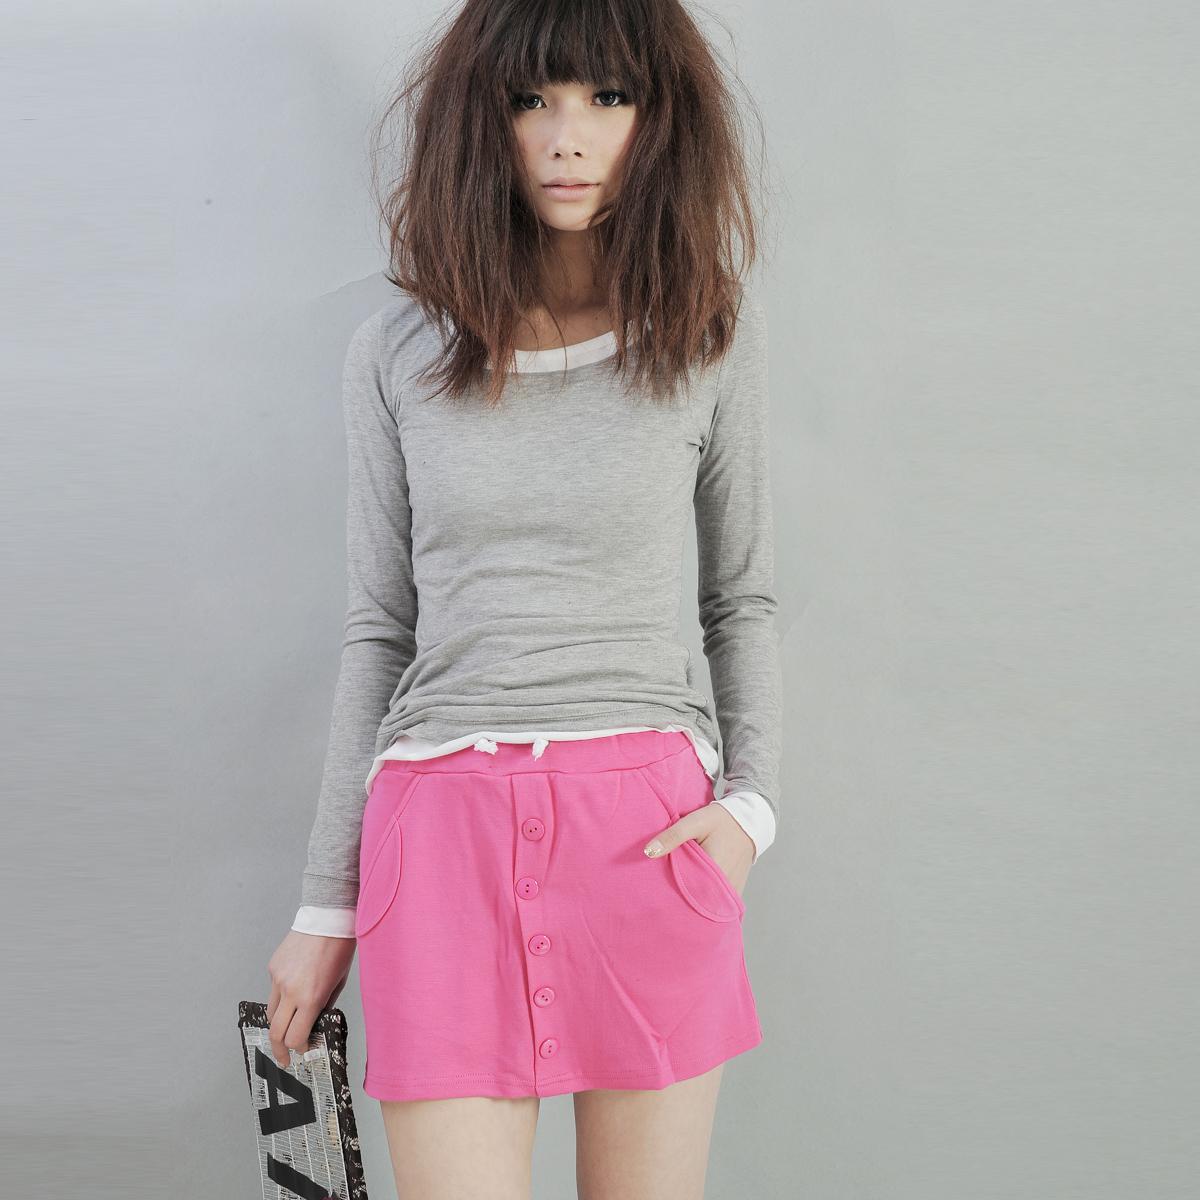 Женские брюки Love is willing to 22010009/1 Tmall 2011 22010009 Шорты, мини-шорты Другая форма брюк